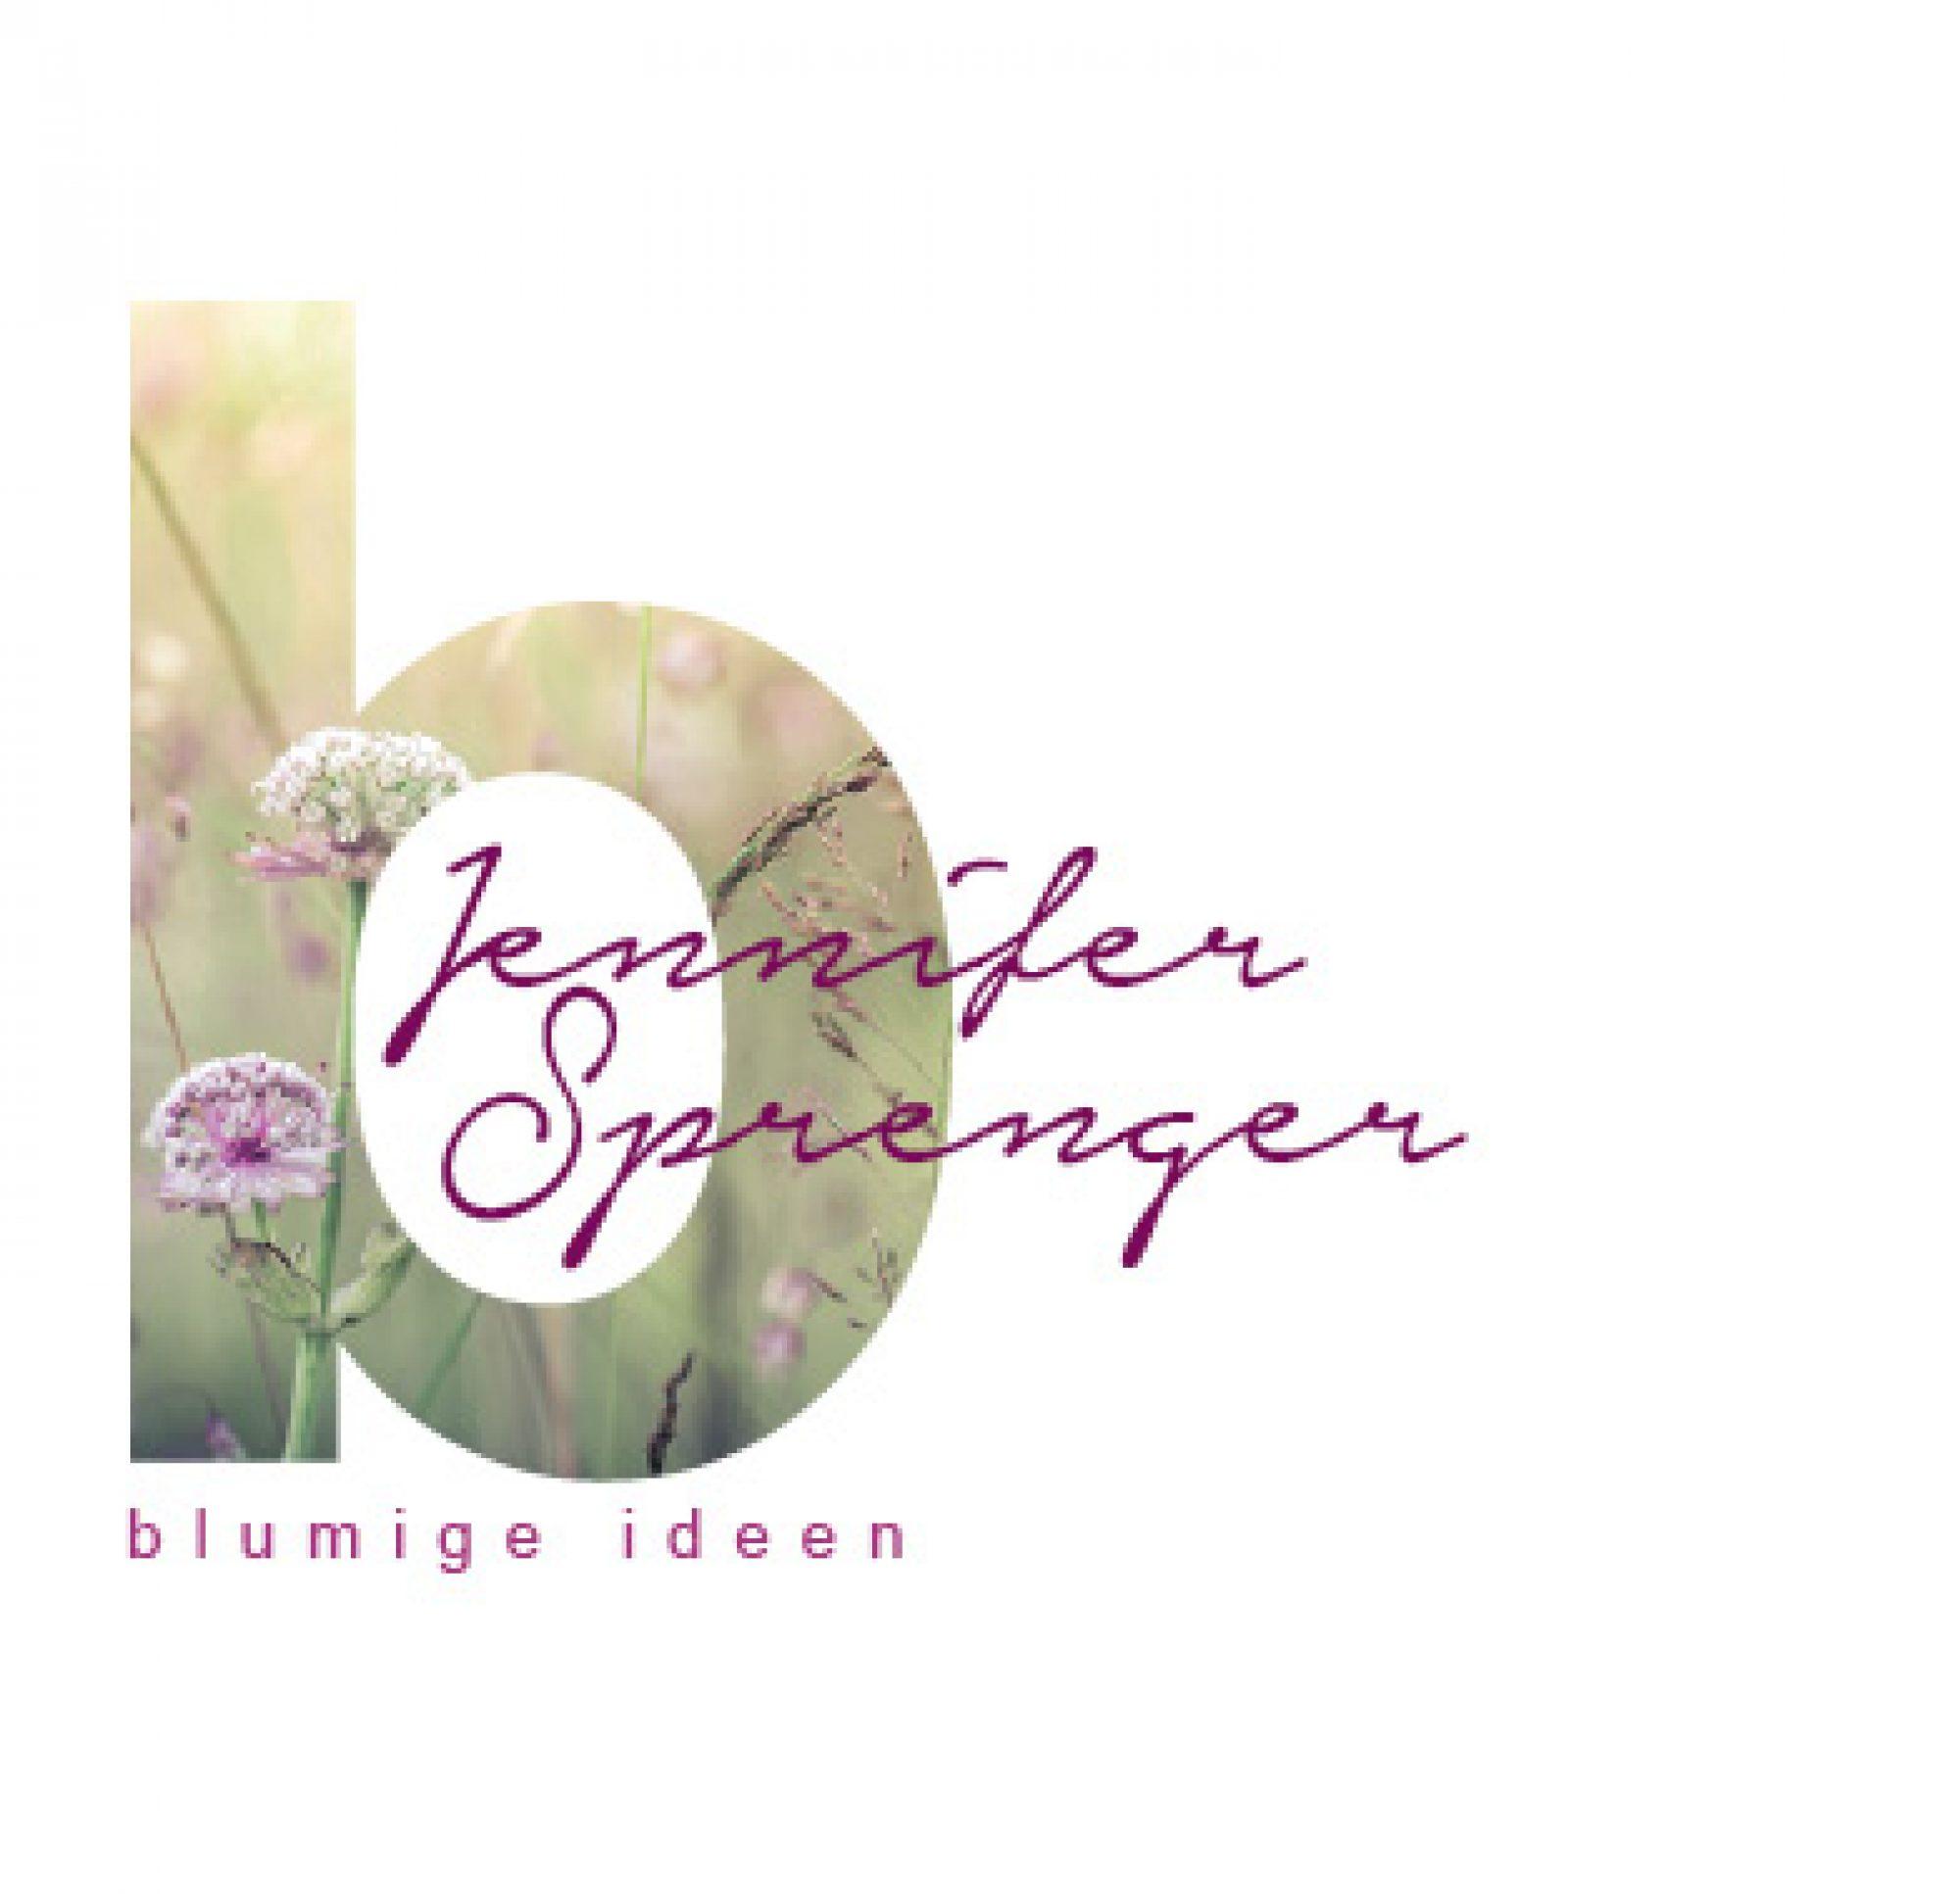 Floristikwerkstatt Sprenger